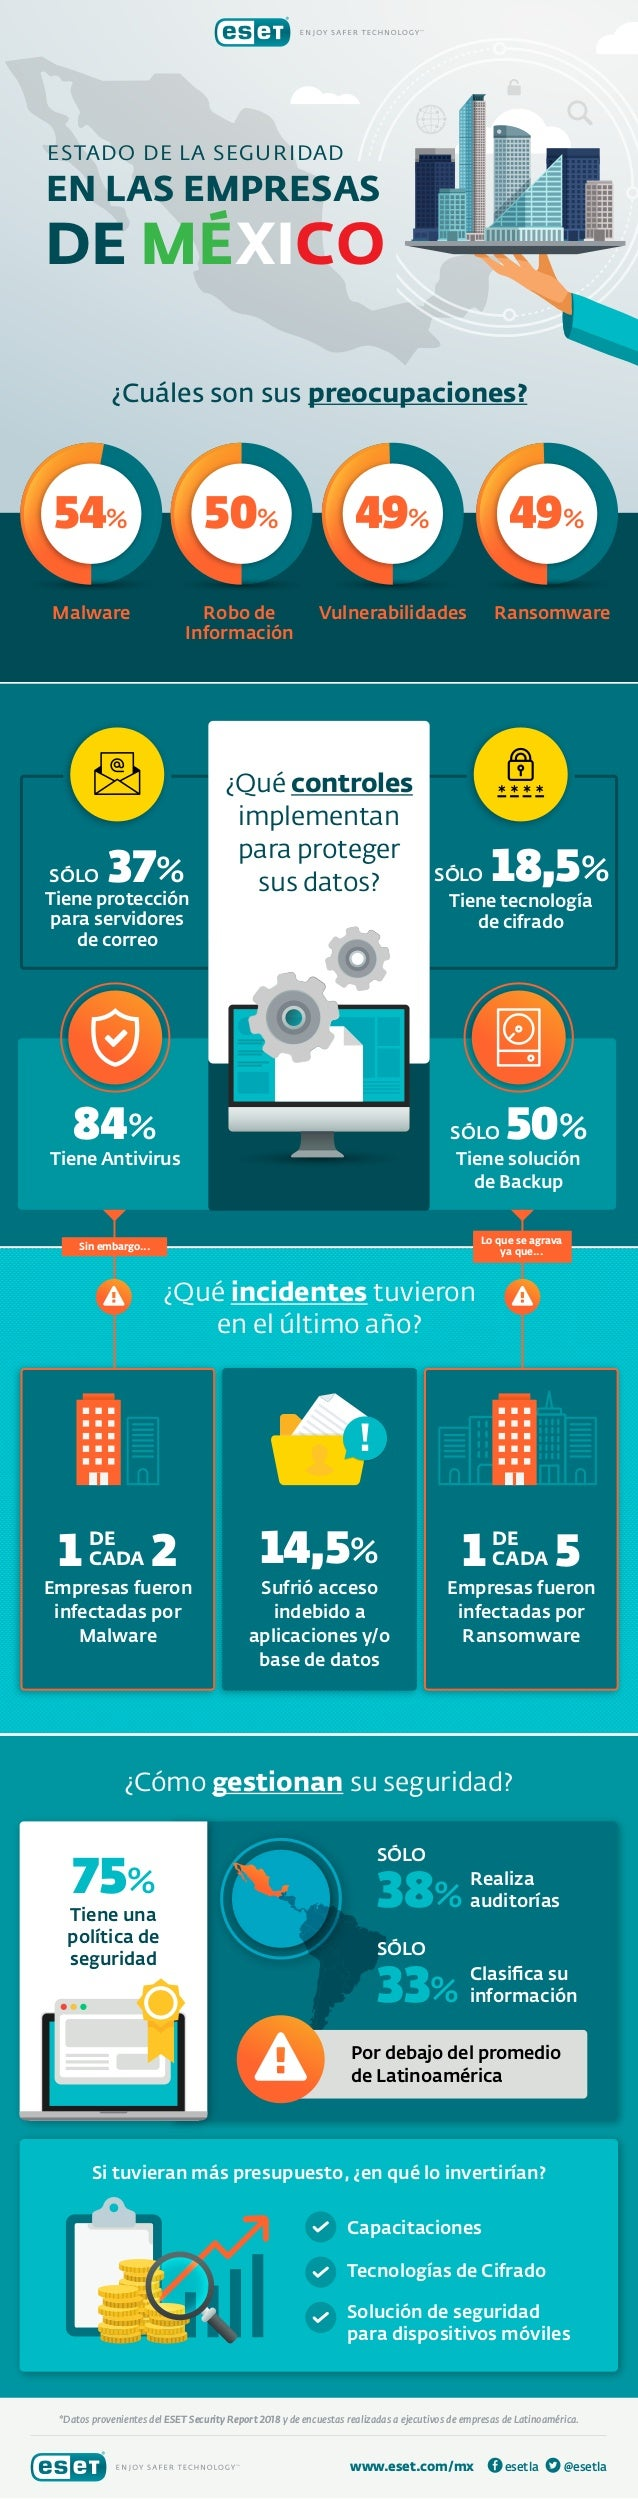 84% Tiene Antivirus 50%SÓLO Tiene solución de Backup Robo de Información 14,5% Vulnerabilidades Ransomware Sufrió acceso i...